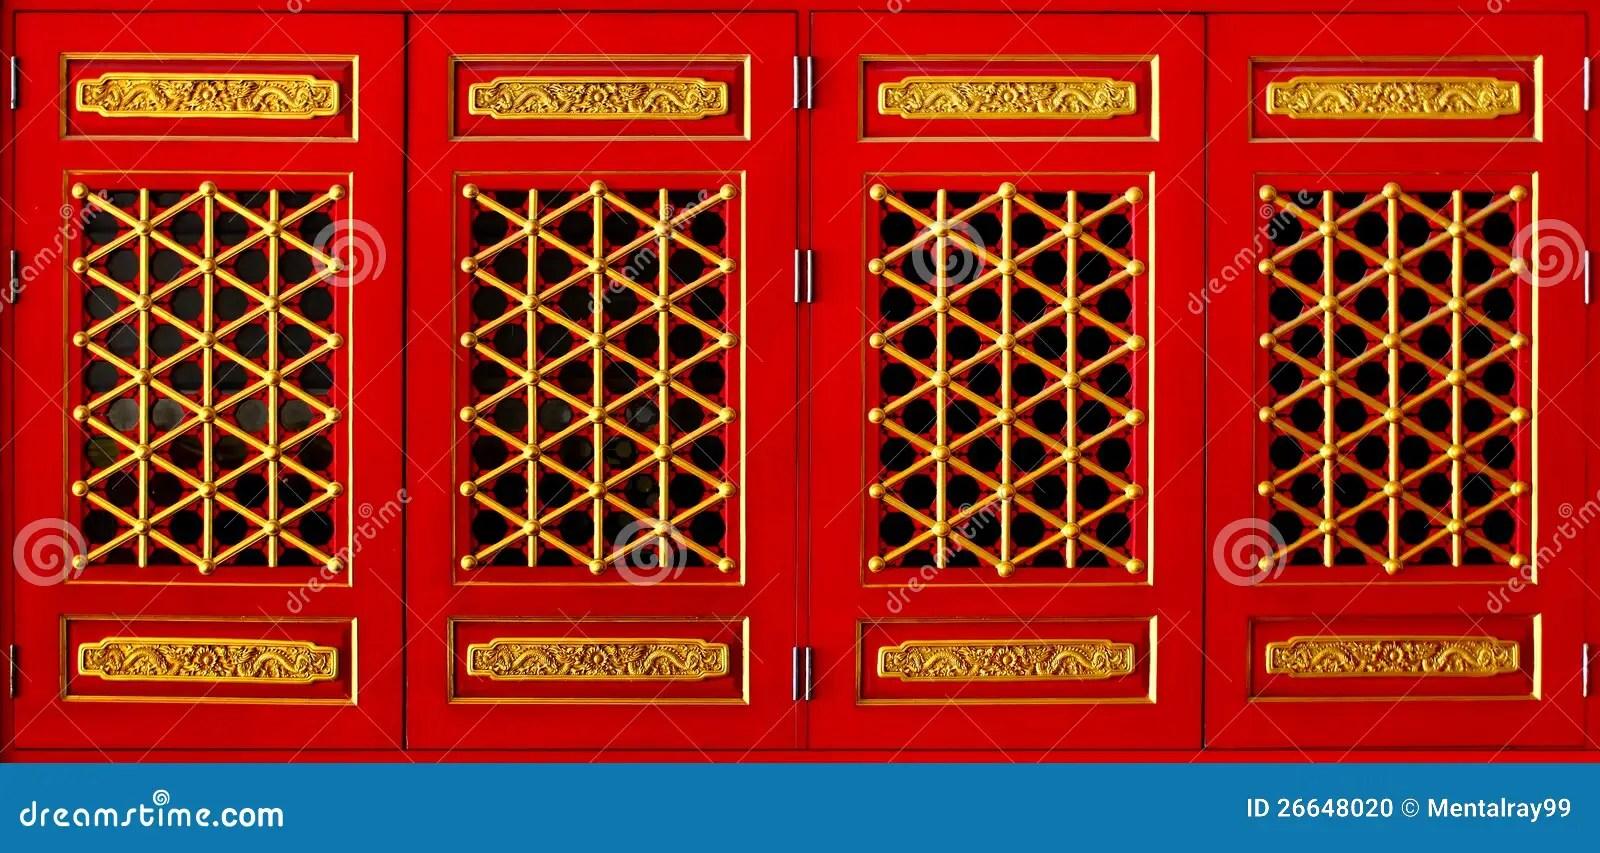 Rectangular Window Chinese Style Stock Photo Image 26648020